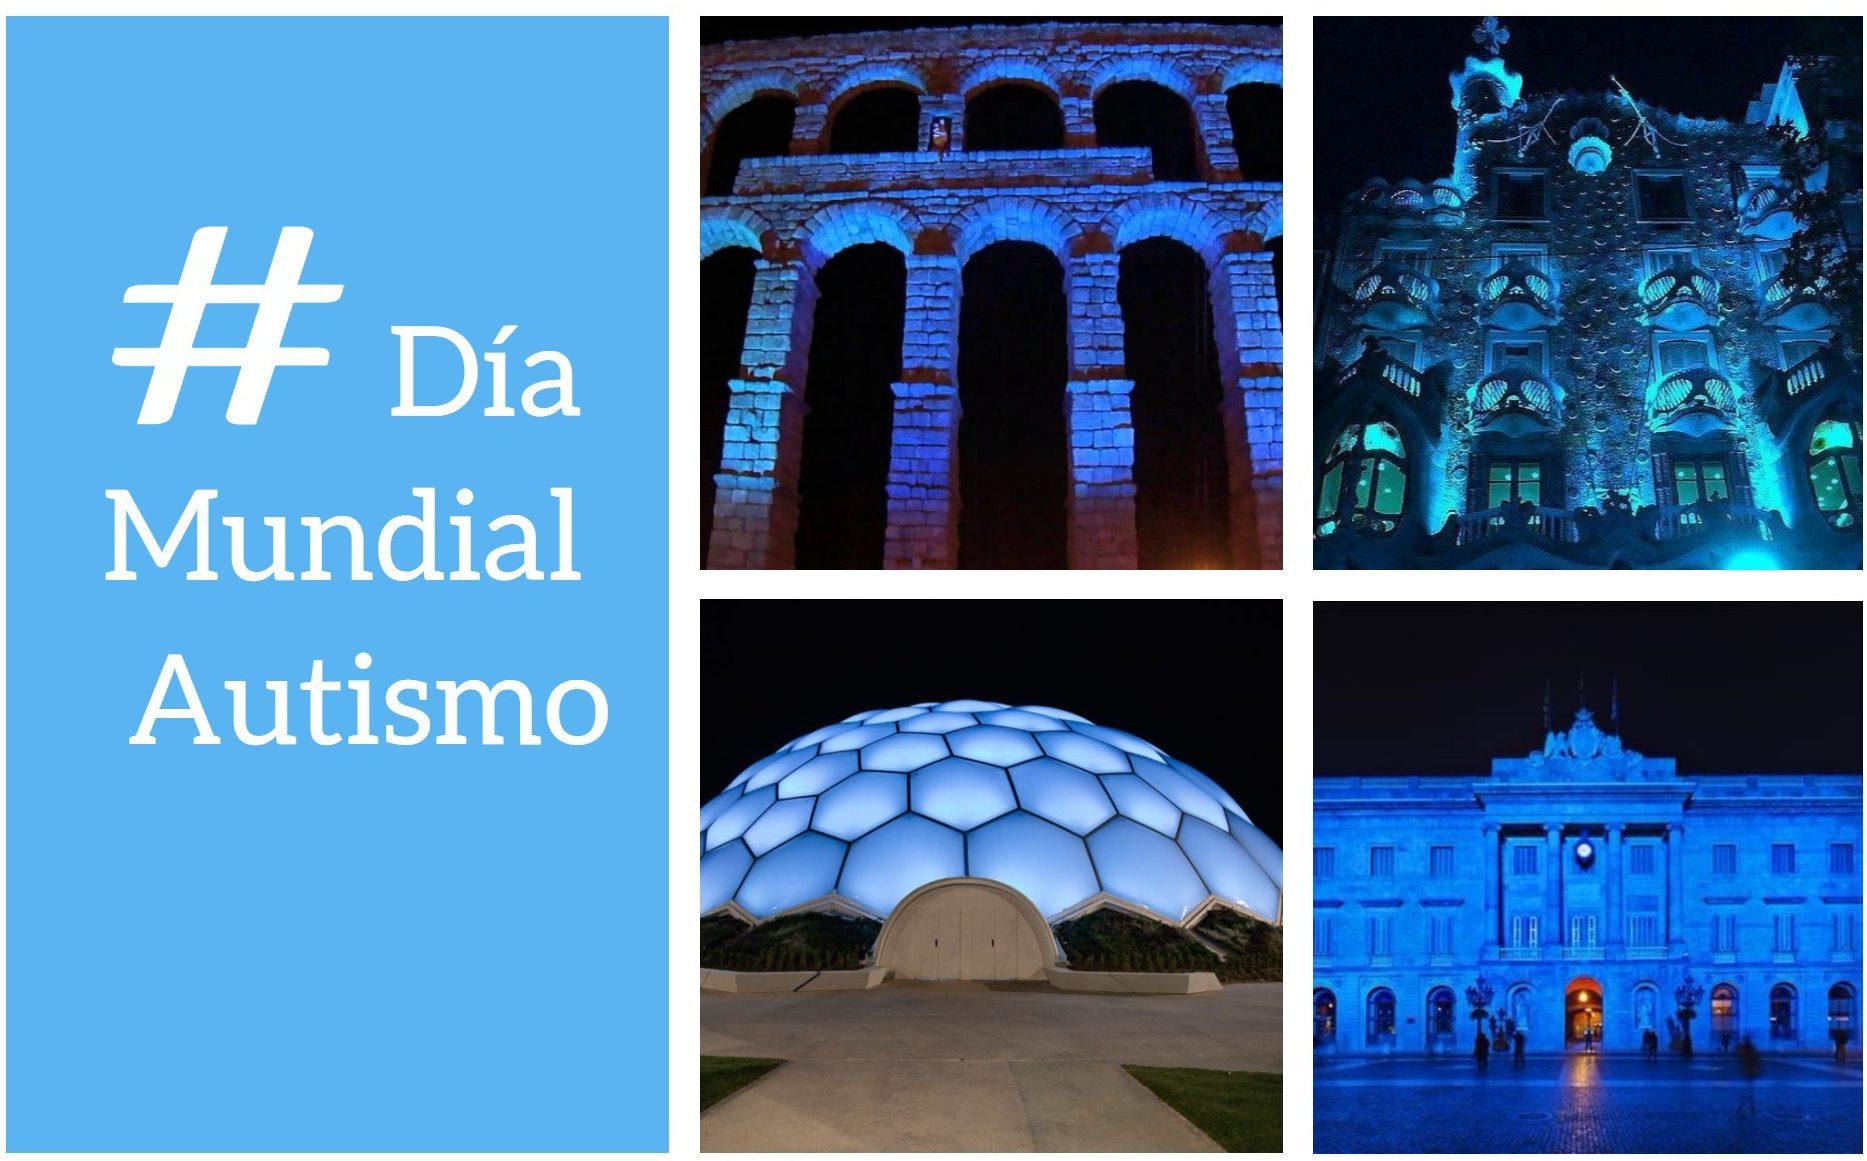 dia mundial autismo 1 e1522663724941 - Los edificios más emblemáticos de España se tiñen de azul en el Día Mundial del Autismo